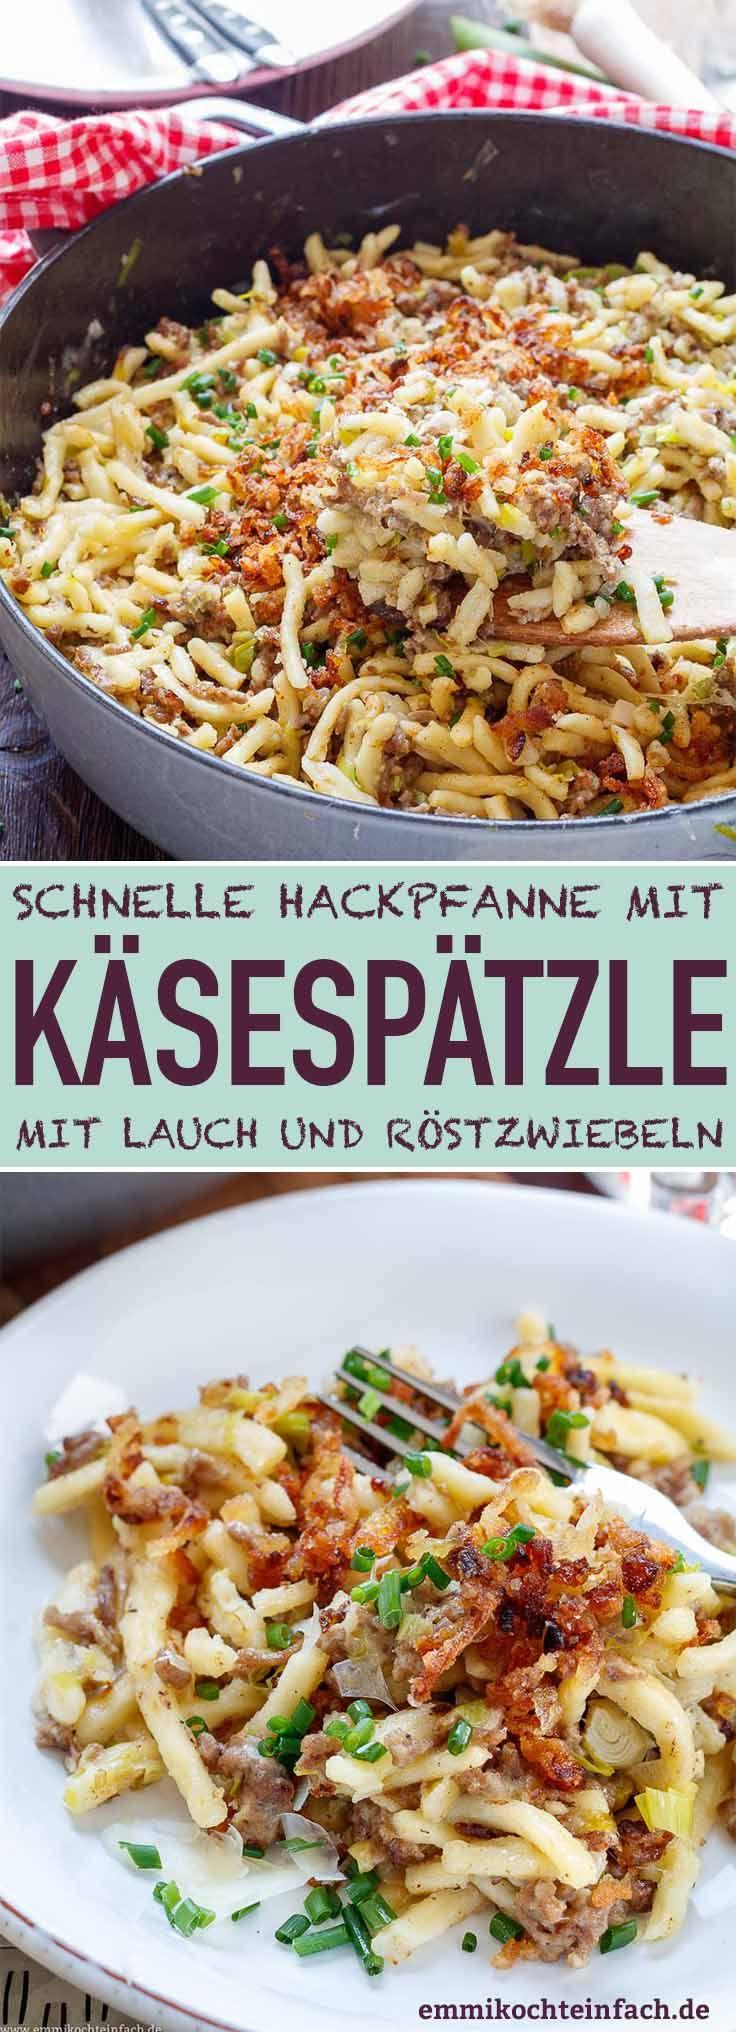 Käsespätzle Hackpfanne mit Lauch und Röstzwiebeln - emmikochteinfach